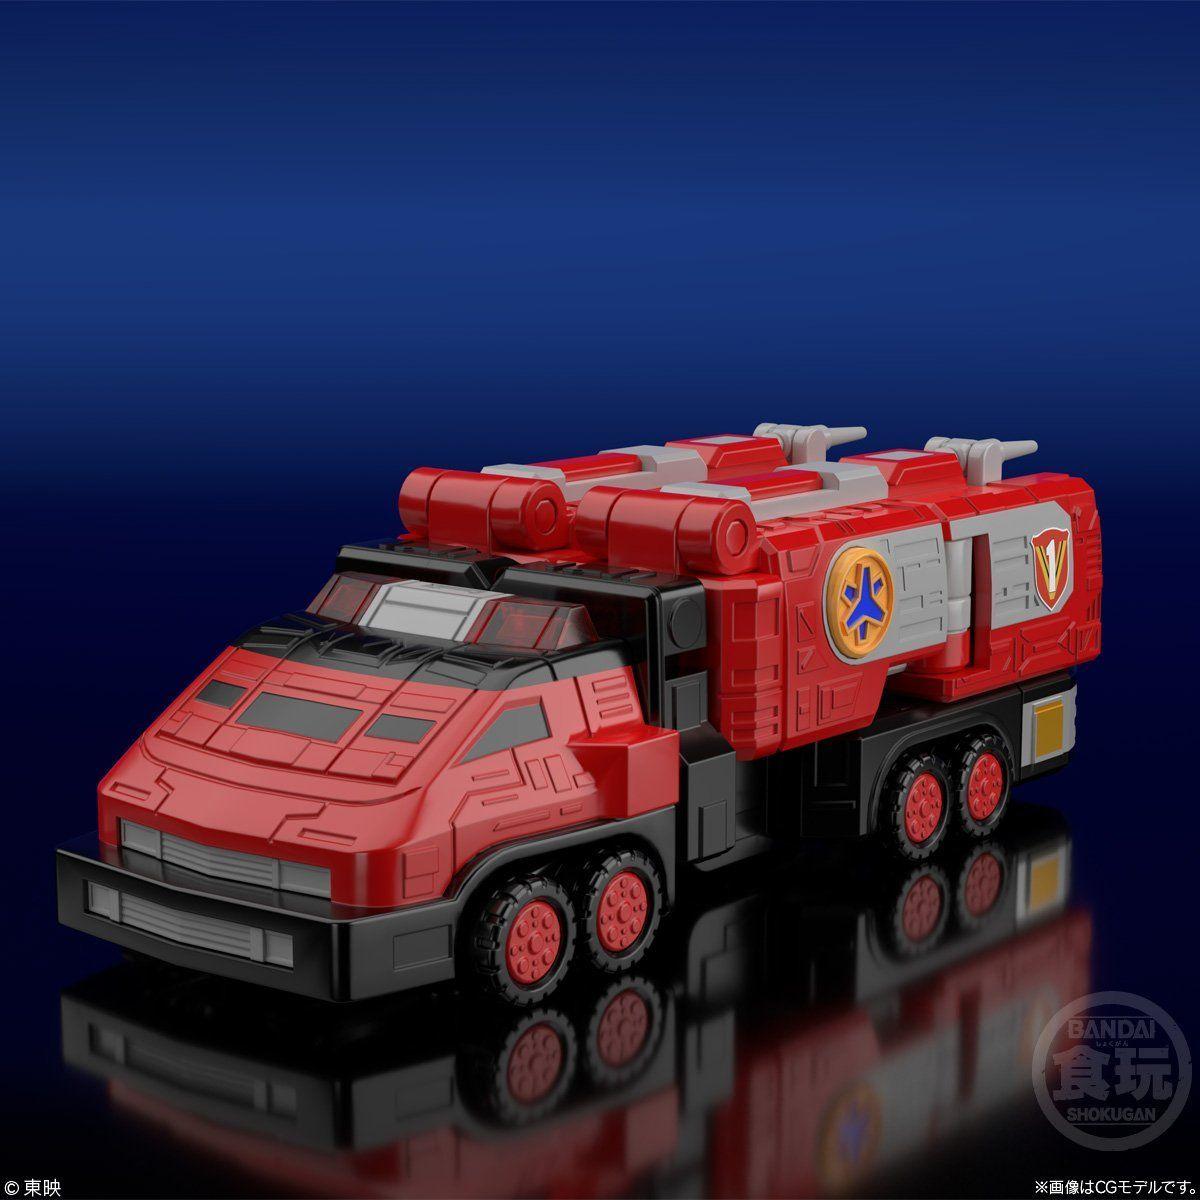 【食玩】スーパーミニプラ『緊急合体 ビクトリーロボ』救急戦隊ゴーゴーファイブ プラモデル-002